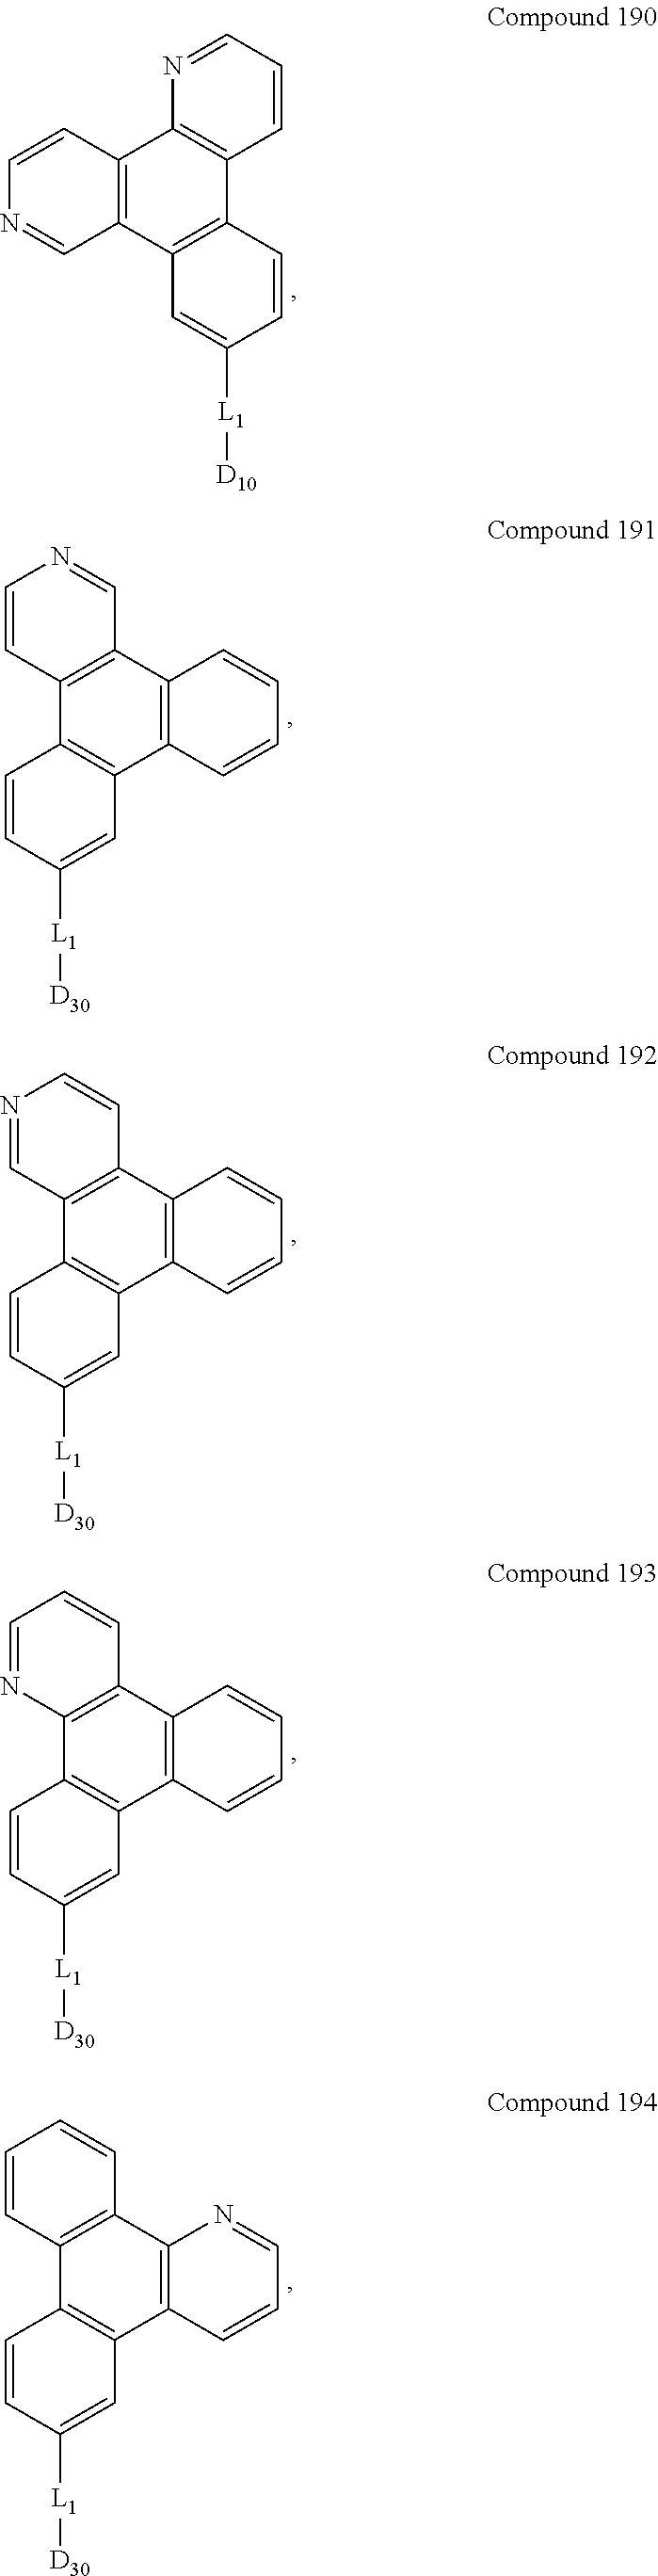 Figure US09537106-20170103-C00195